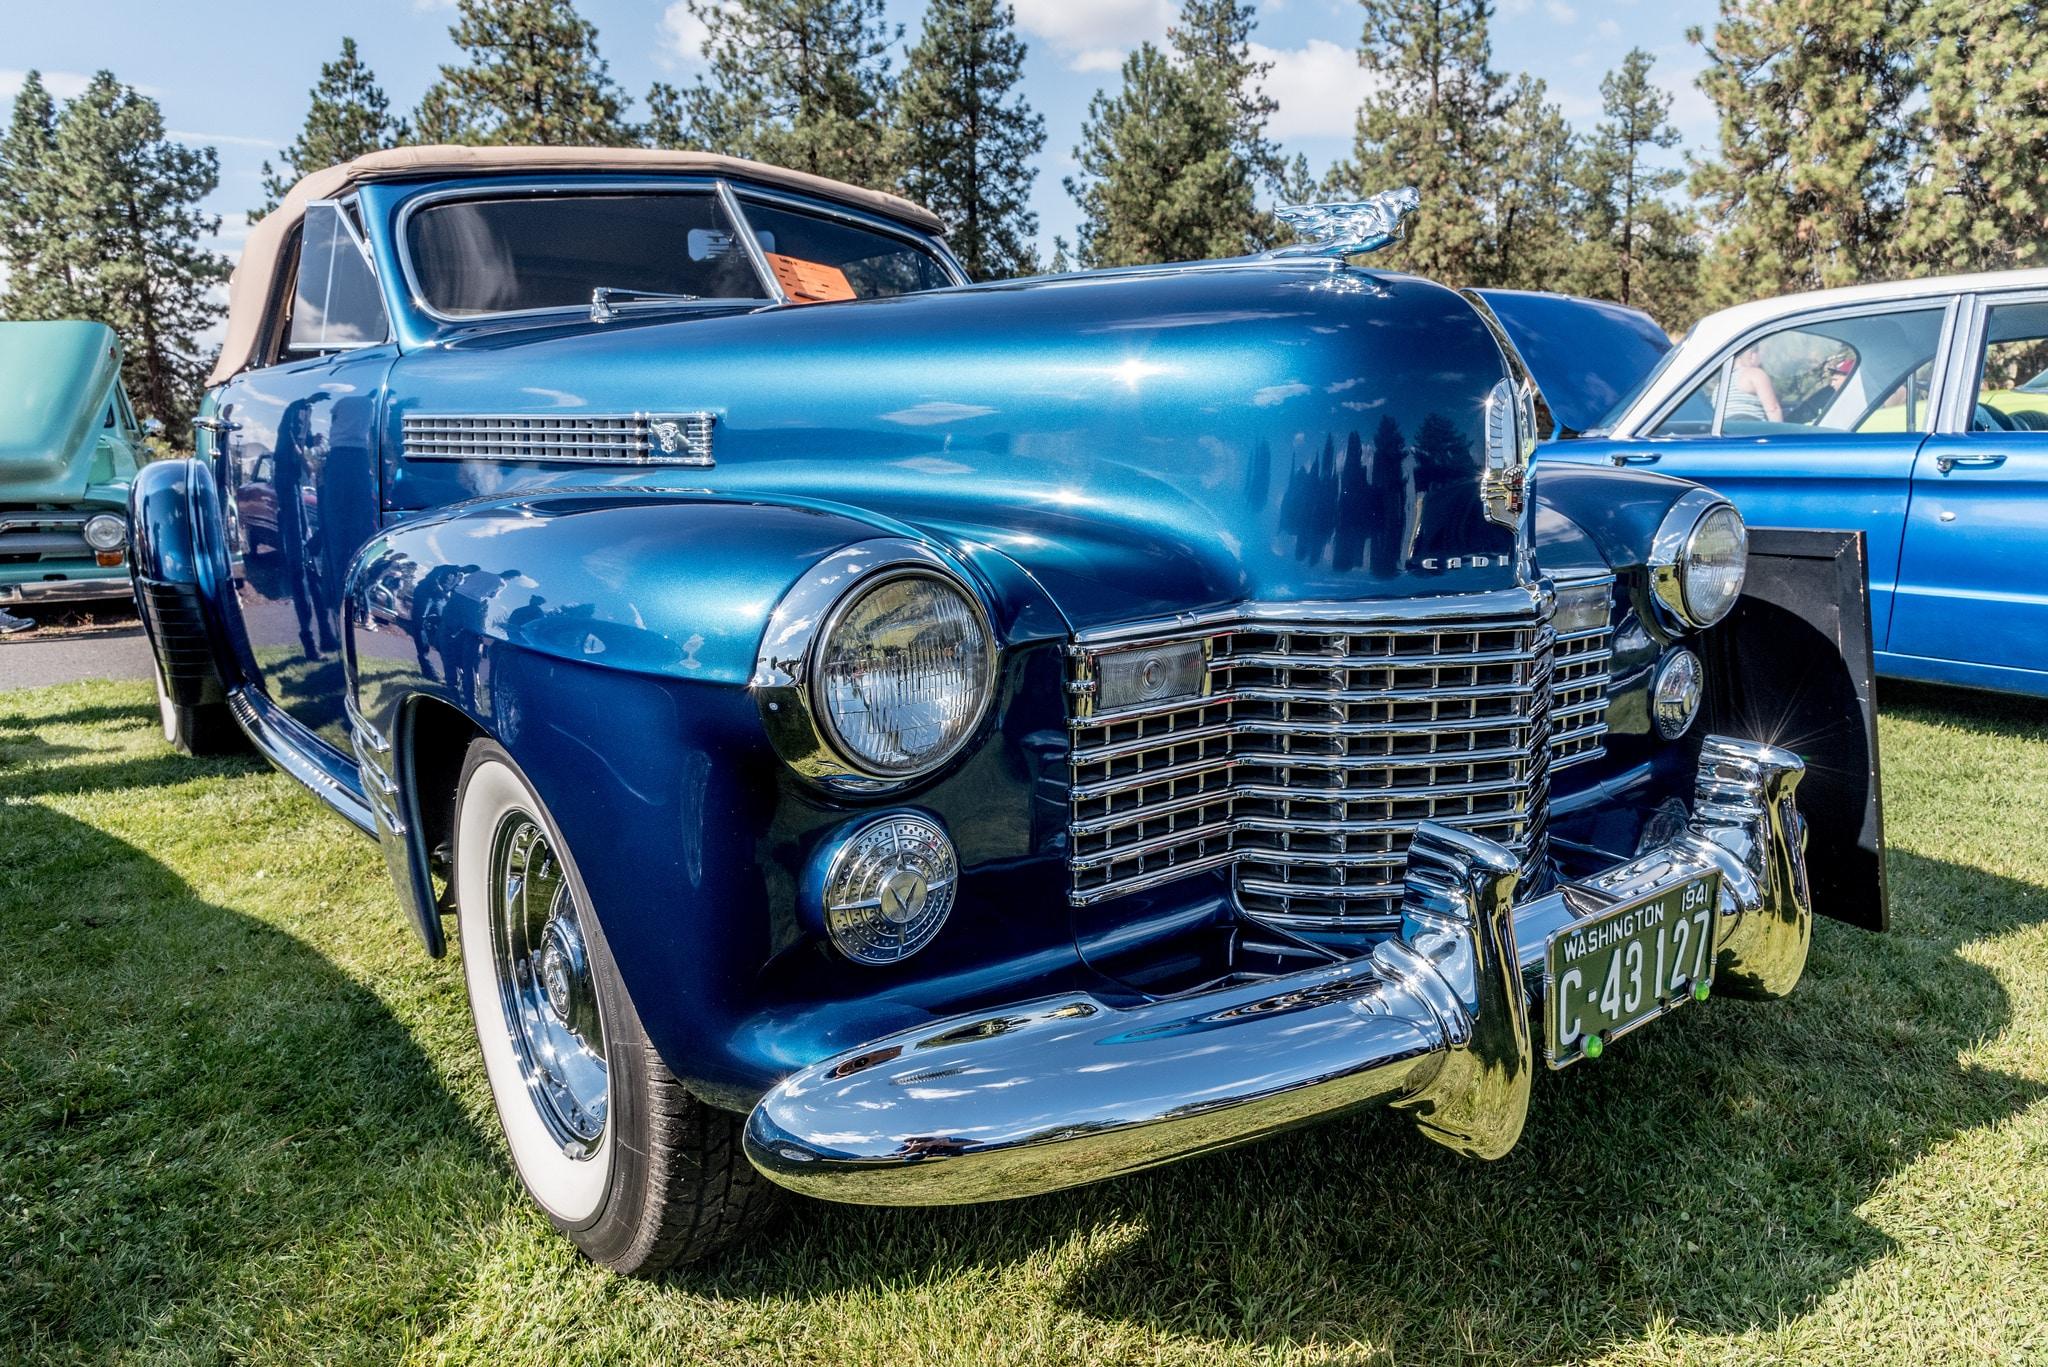 Valleyfest Car Show - Spokane Valley